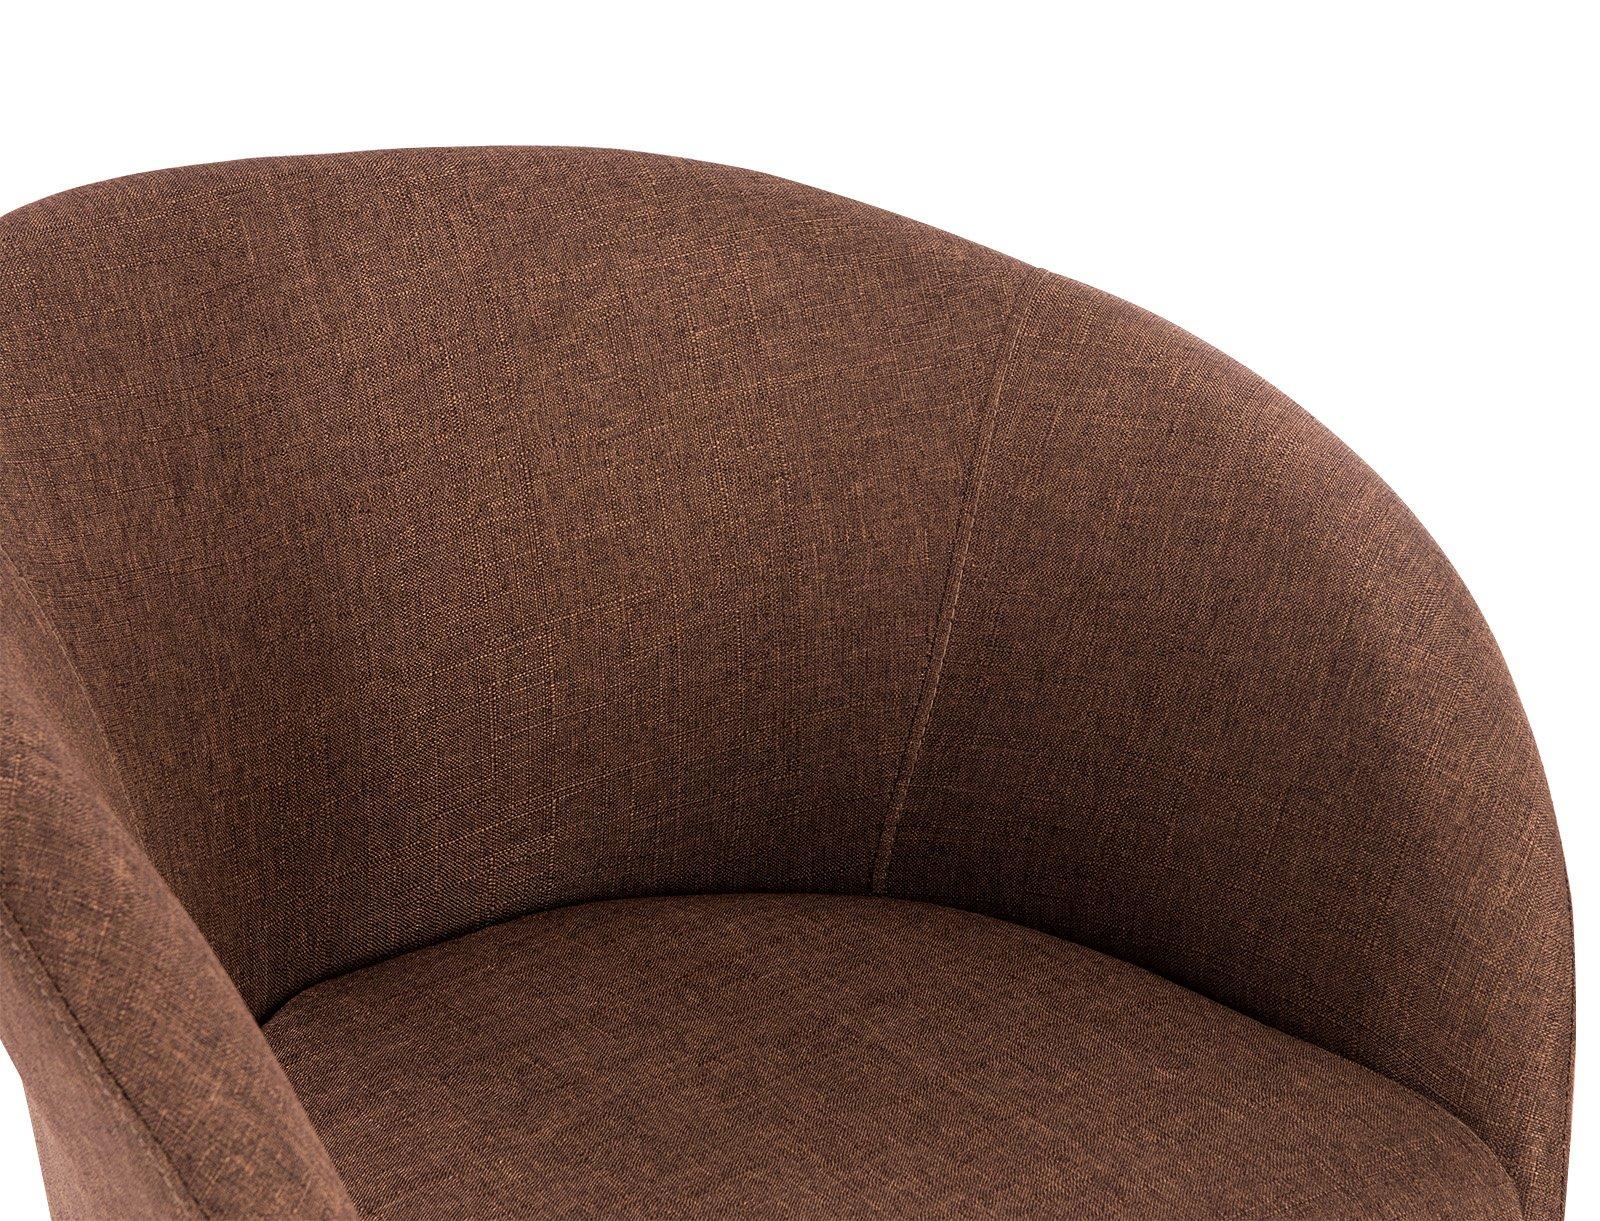 Woltu bh br poltroncina con schienale braccioli sedia sgabello